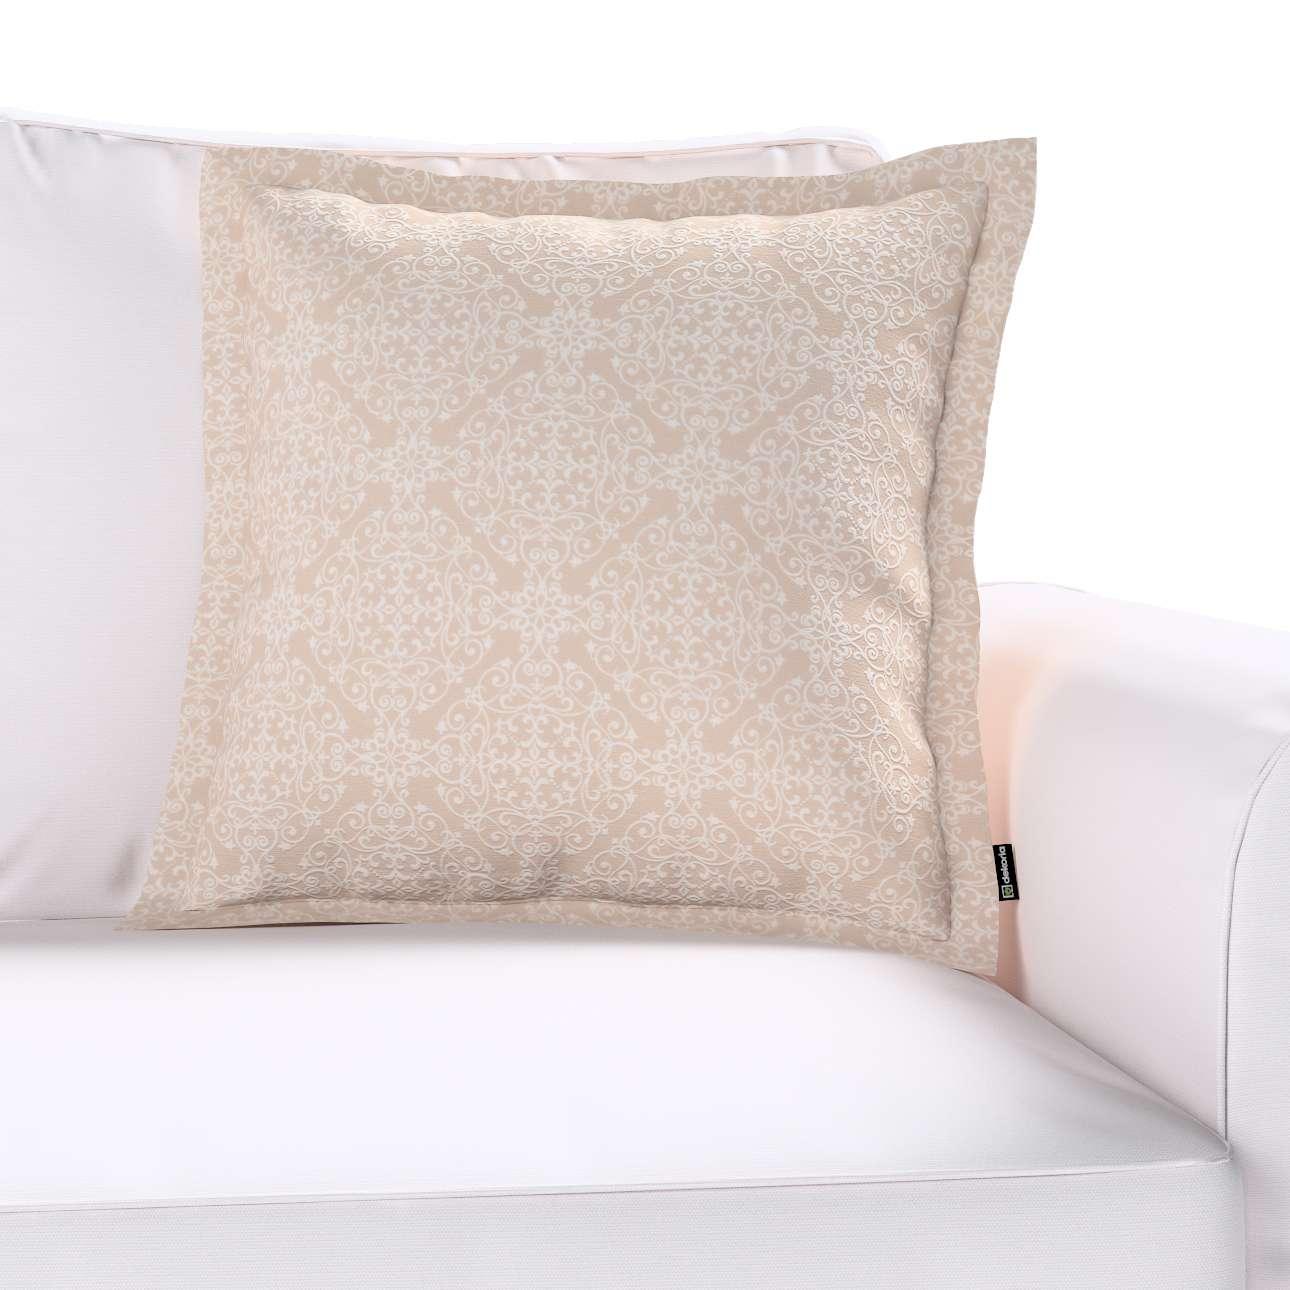 Mona dekoratyvinių pagalvėlių užvalkalas su sienele 45 × 45 cm kolekcijoje Flowers, audinys: 140-39